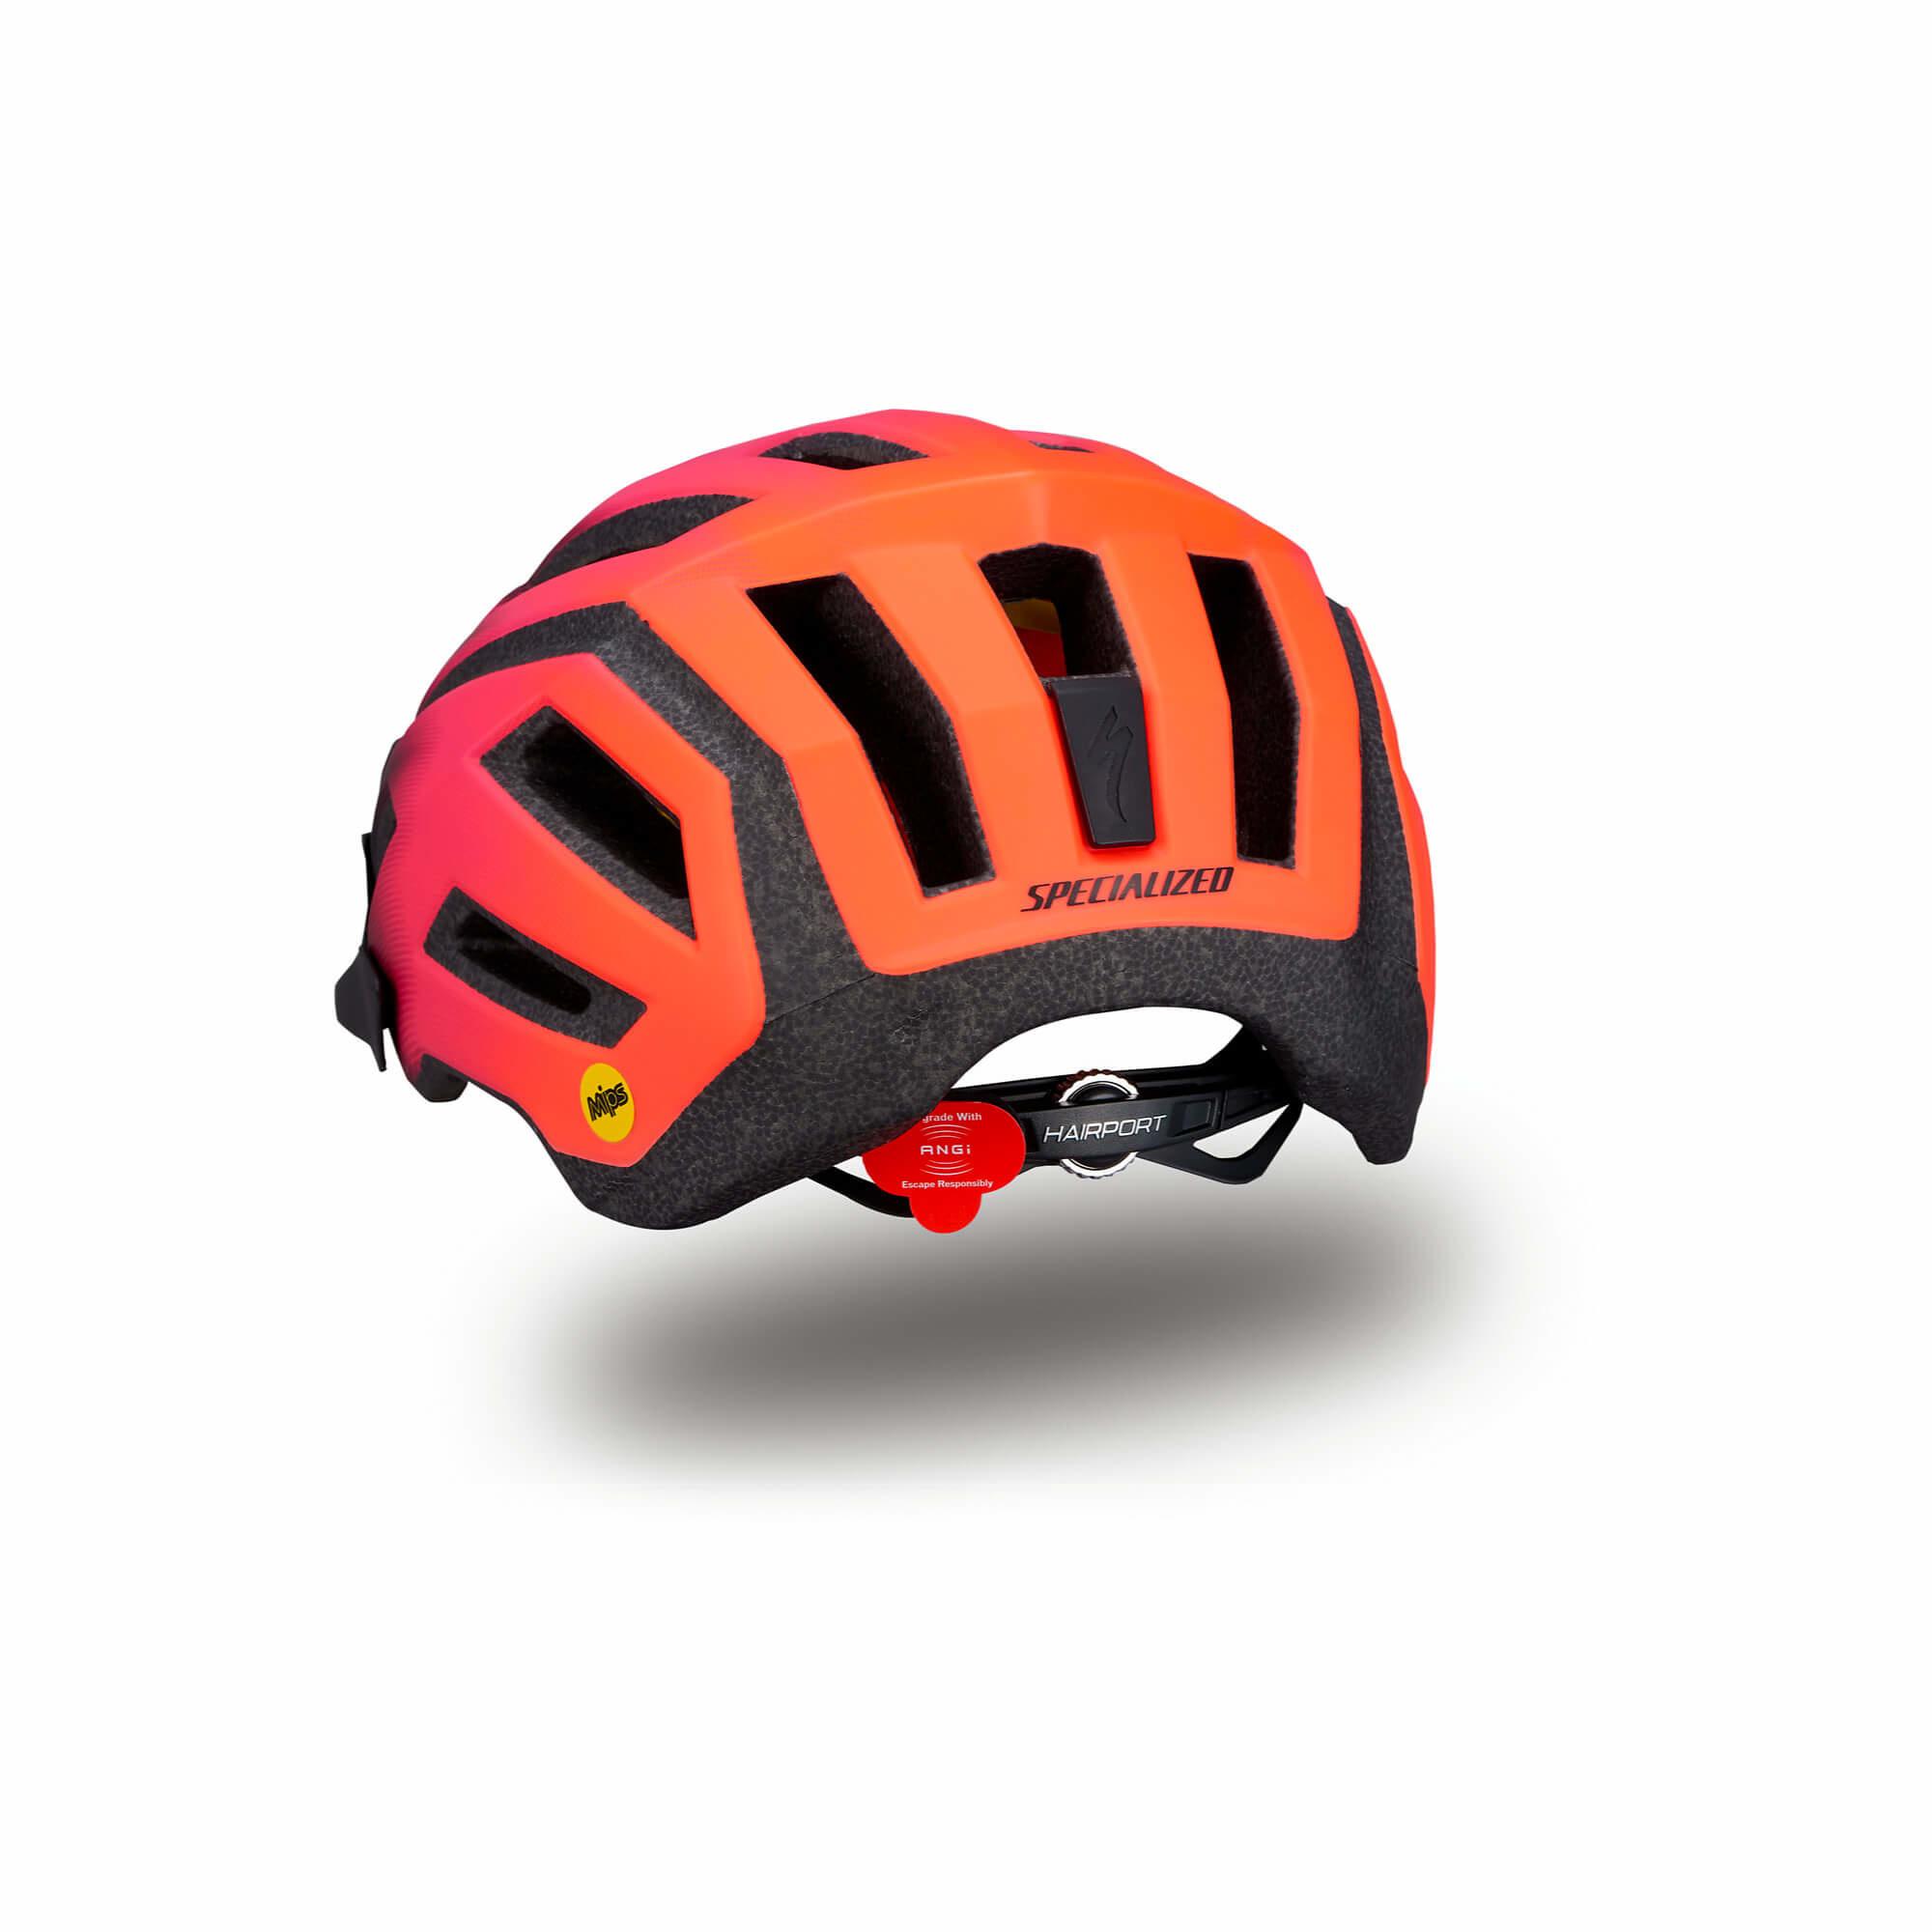 Tactic 3 Helmet Mips-3